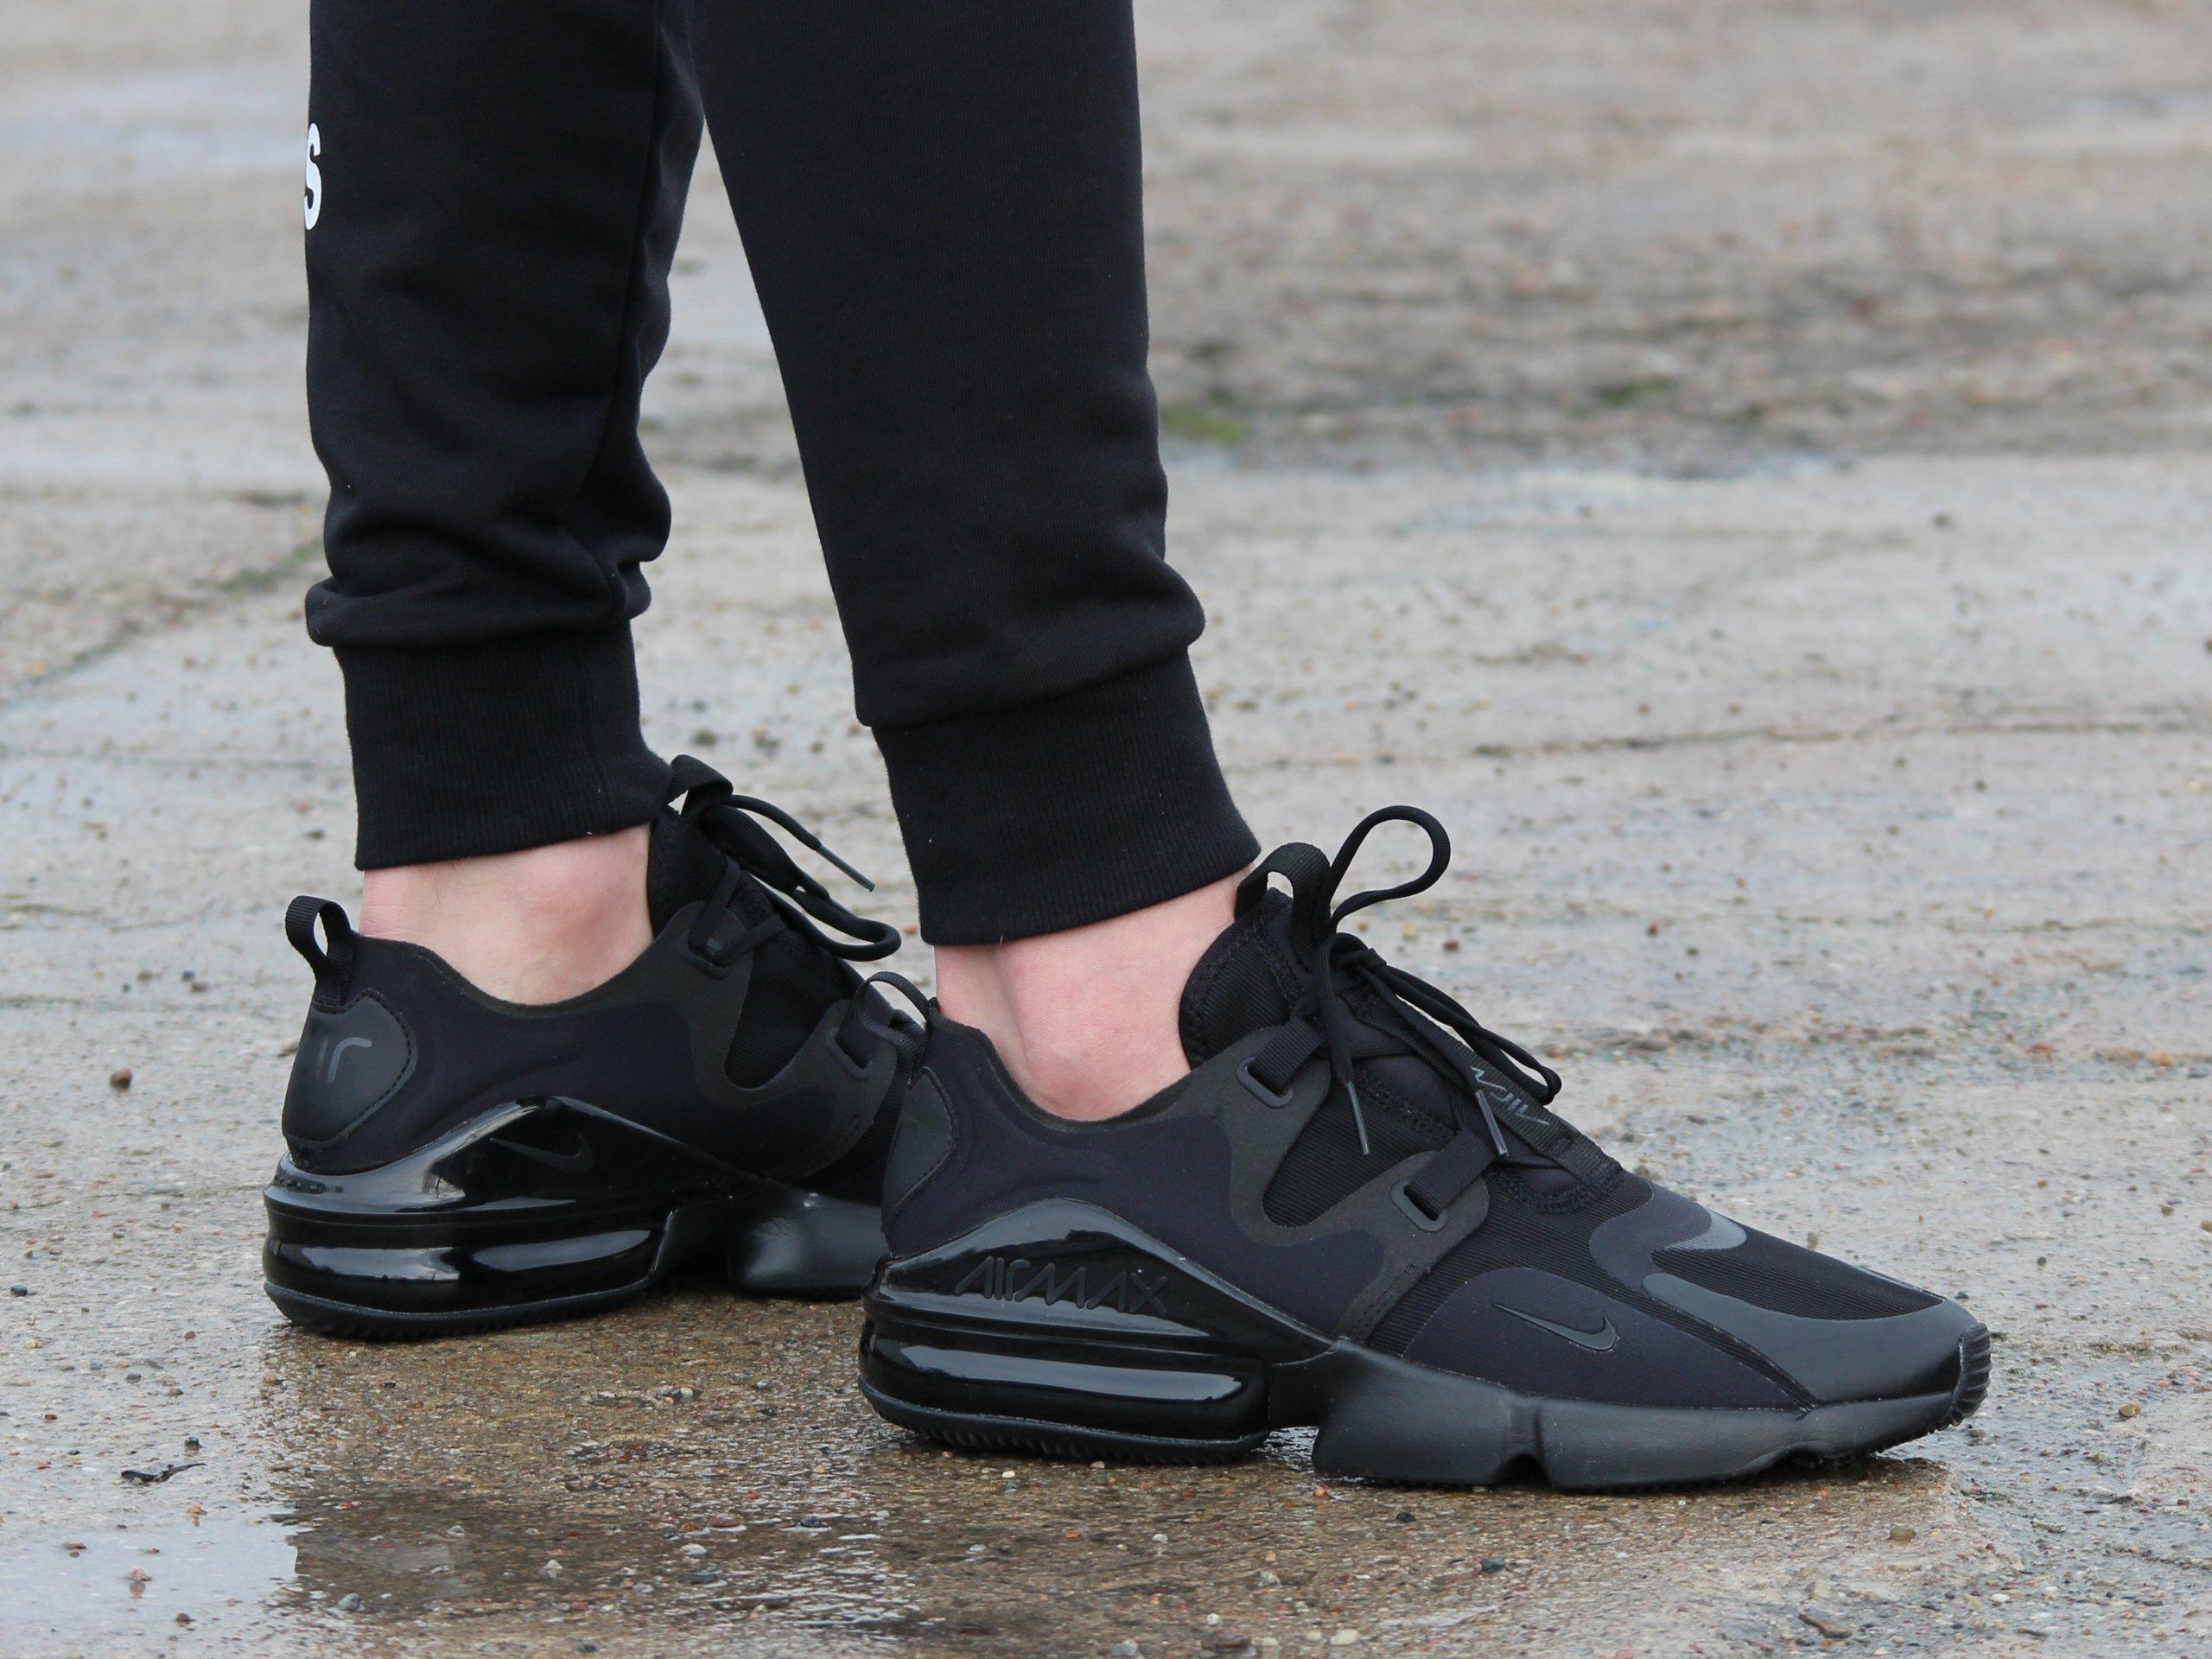 Nike - Air Max Infinity BQ3999-004 - Sneakers - Black   Mens ...